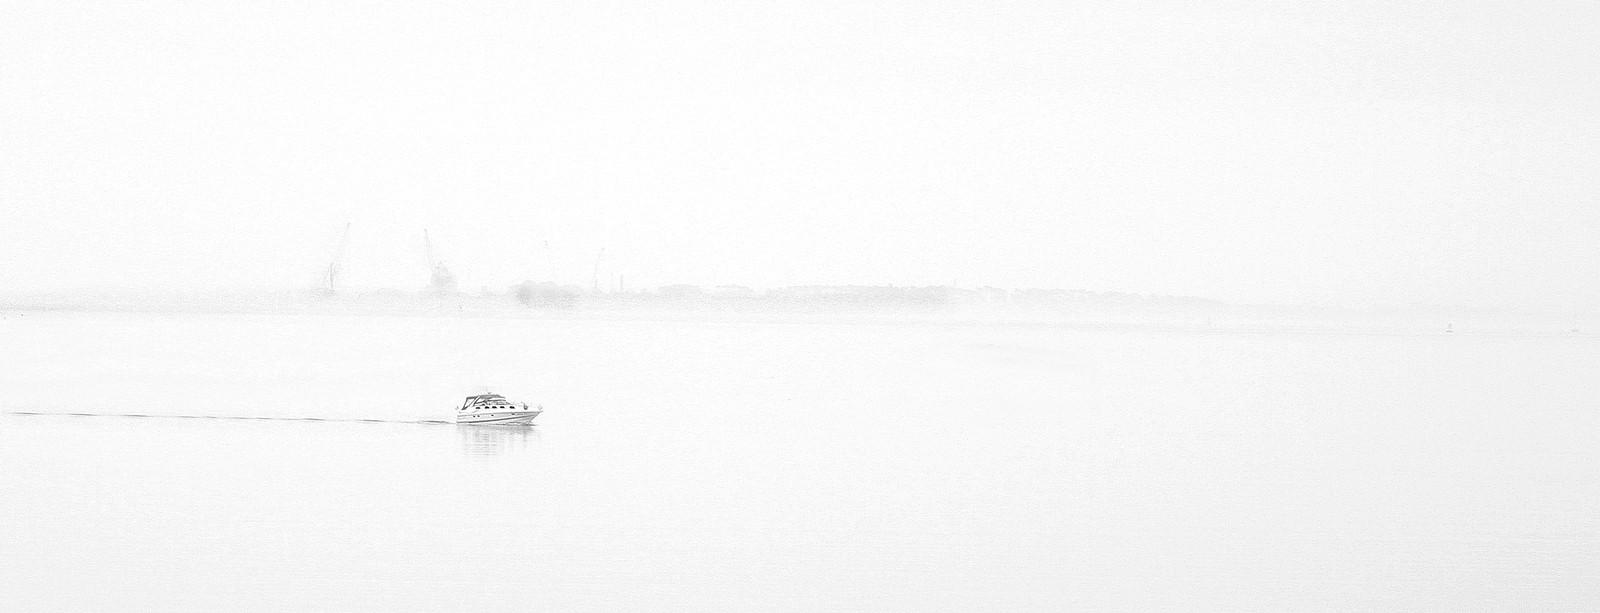 PDI - Misty Warrenpoint by Bernie Deighan ( 11 marks)